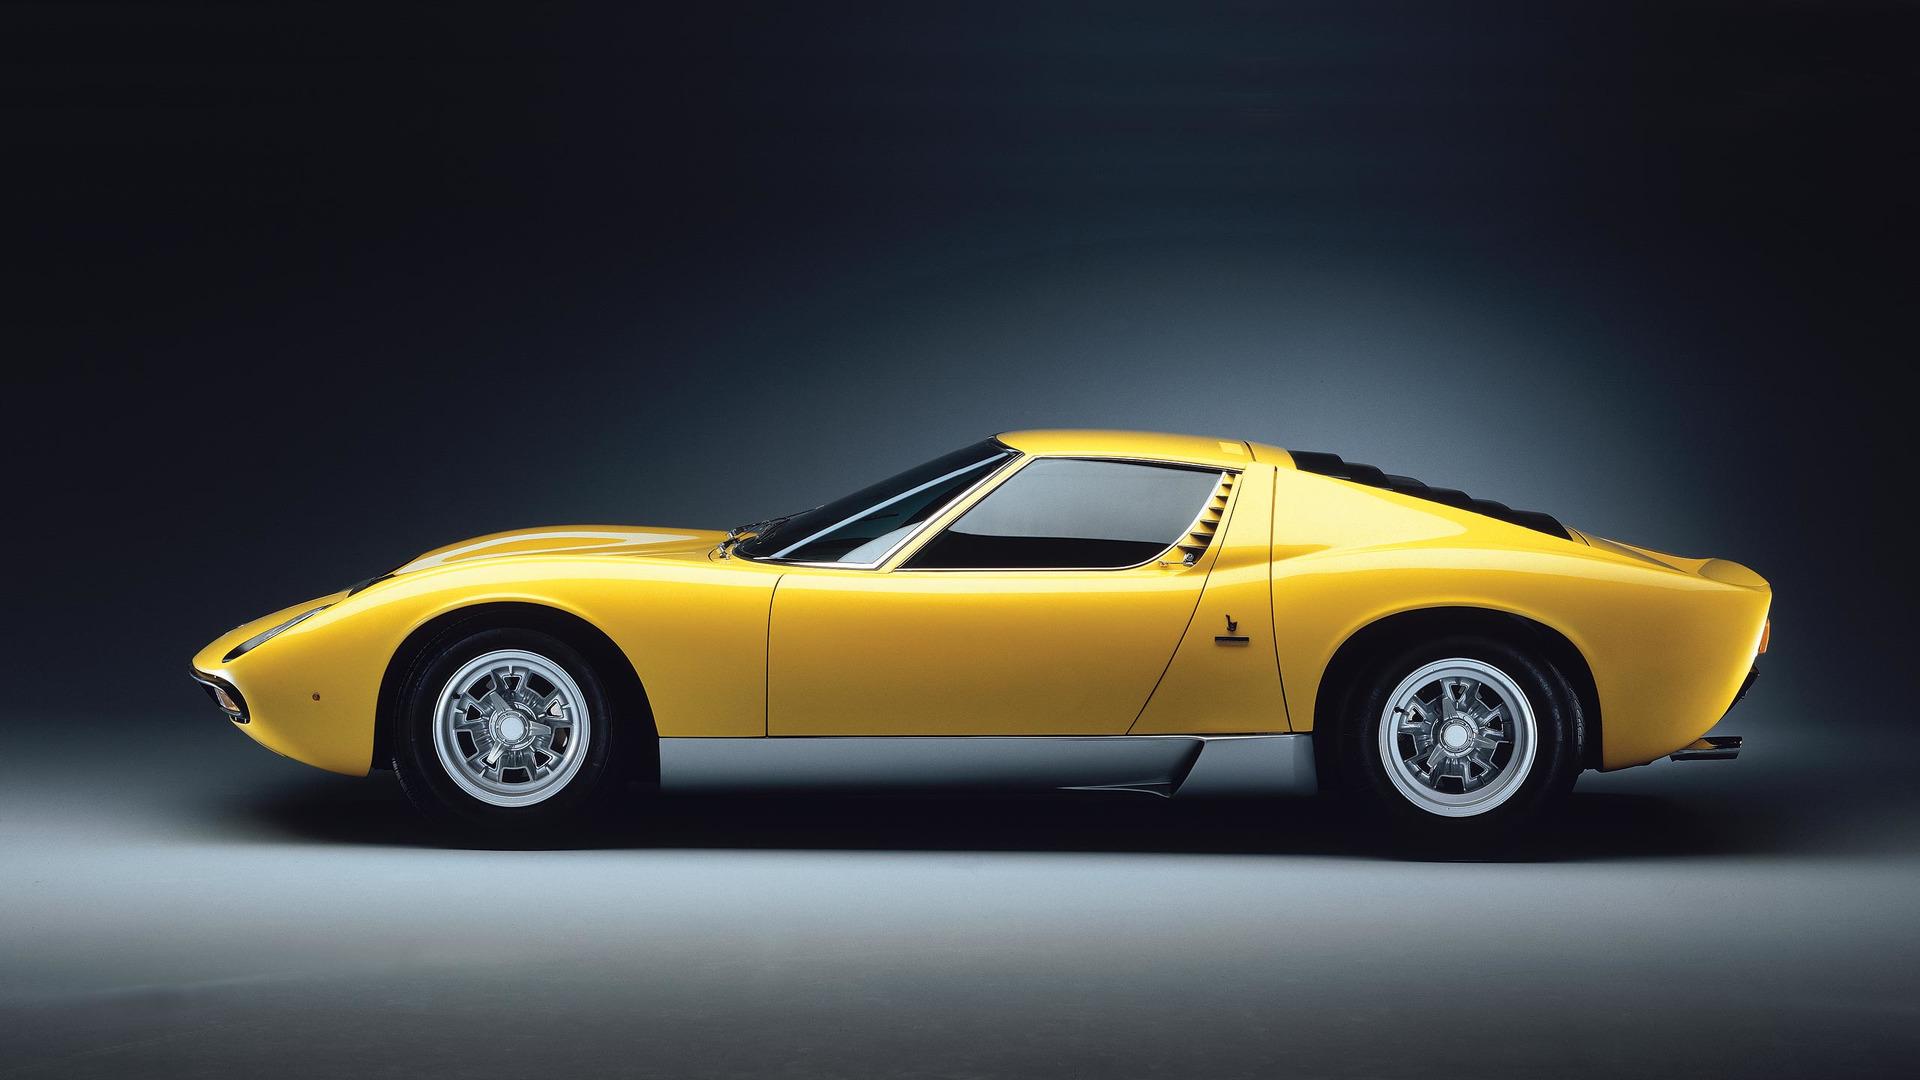 Celebrate Lamborghini Miura S Late Creator With A Great Gallery Video